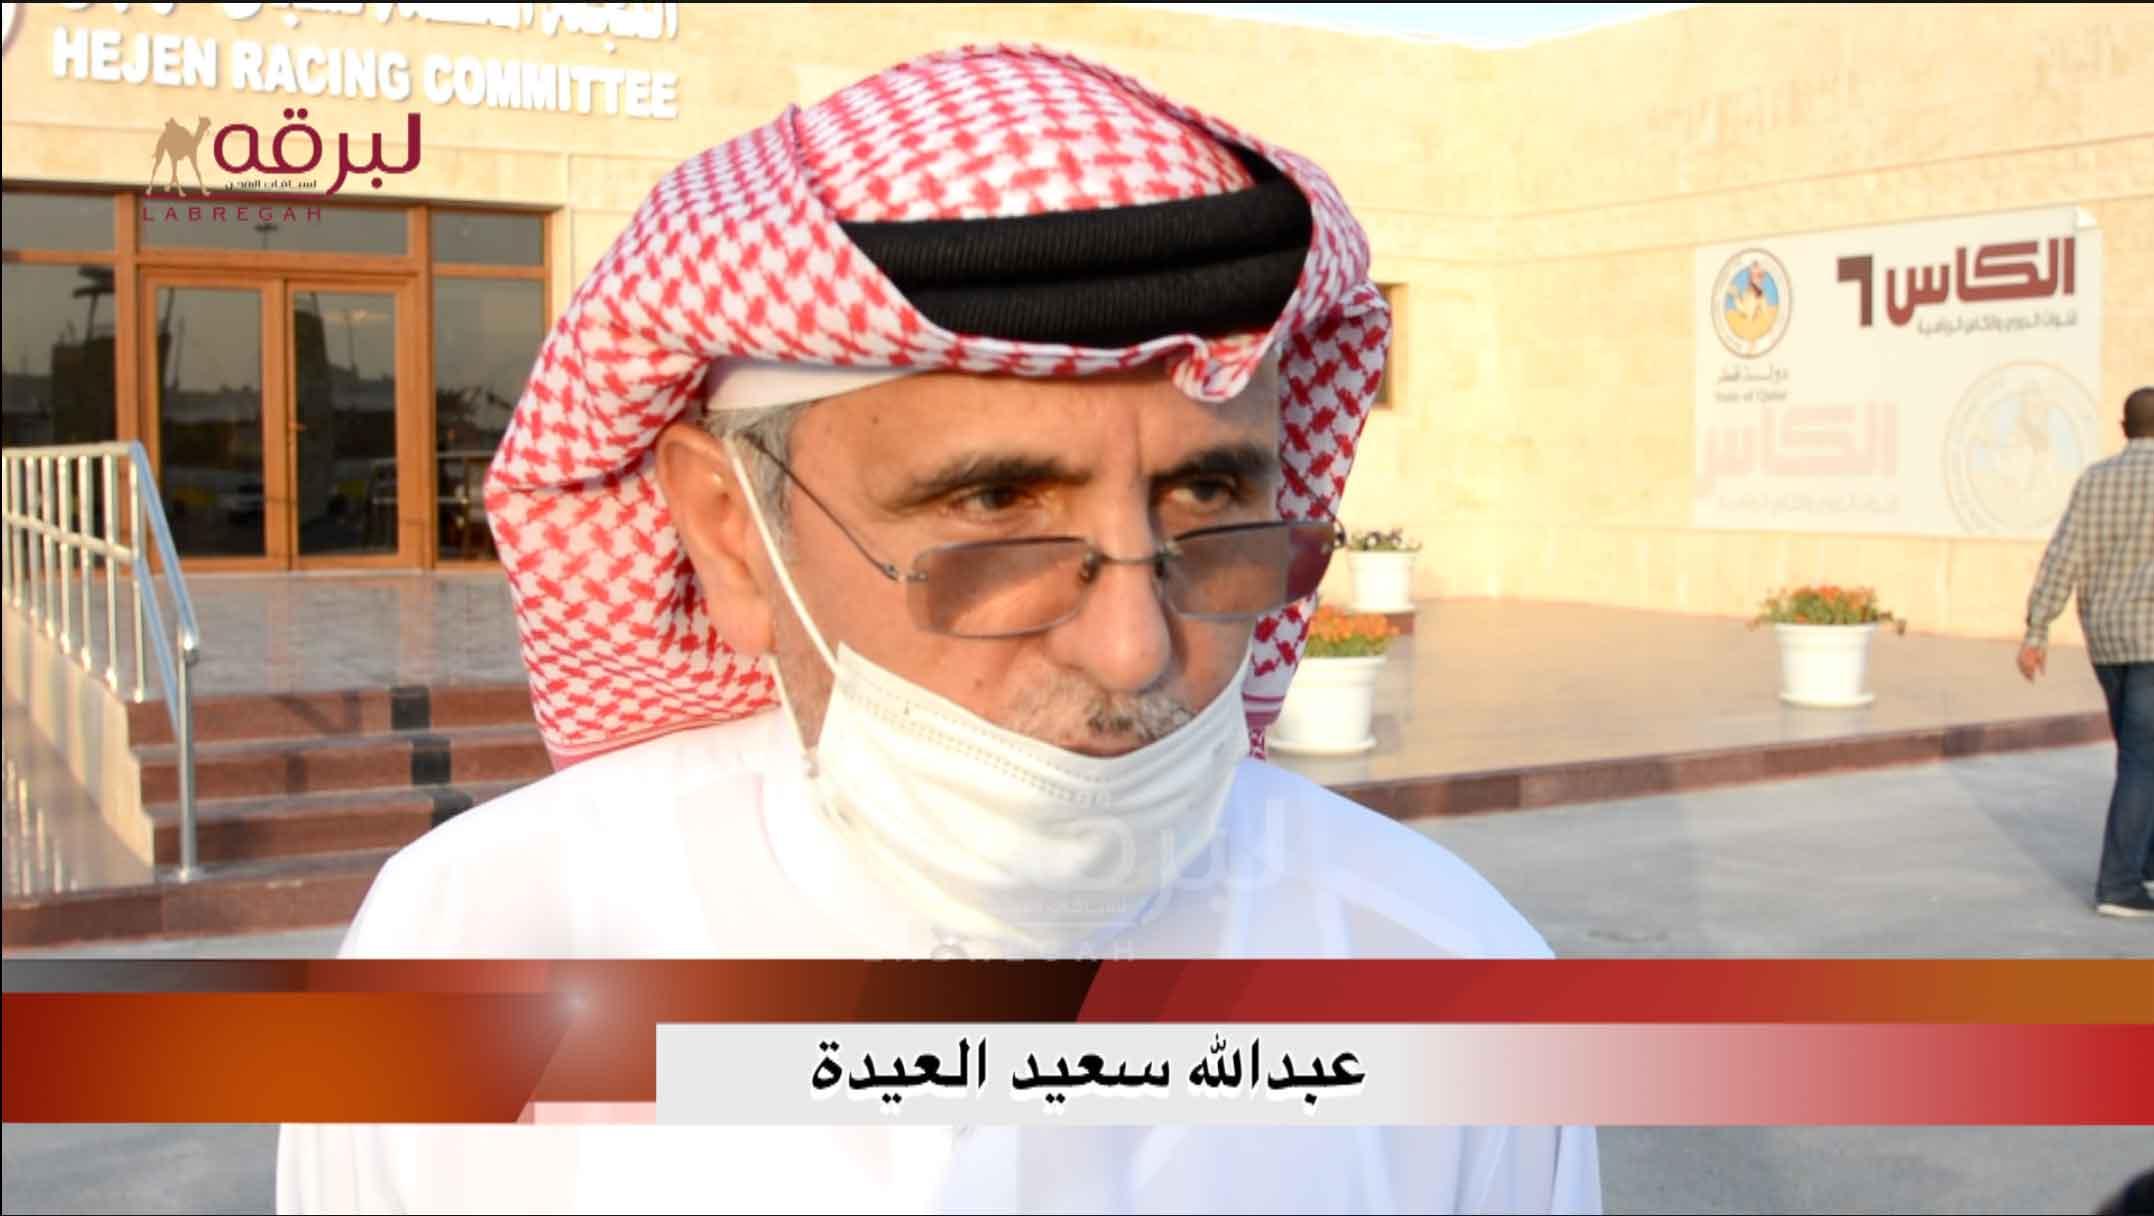 لقاء مع عبدالله سعيد العيدة.. الشلفة الفضية حيل «عمانيات» الأشواط العامة ٣١-٣-٢٠٢١